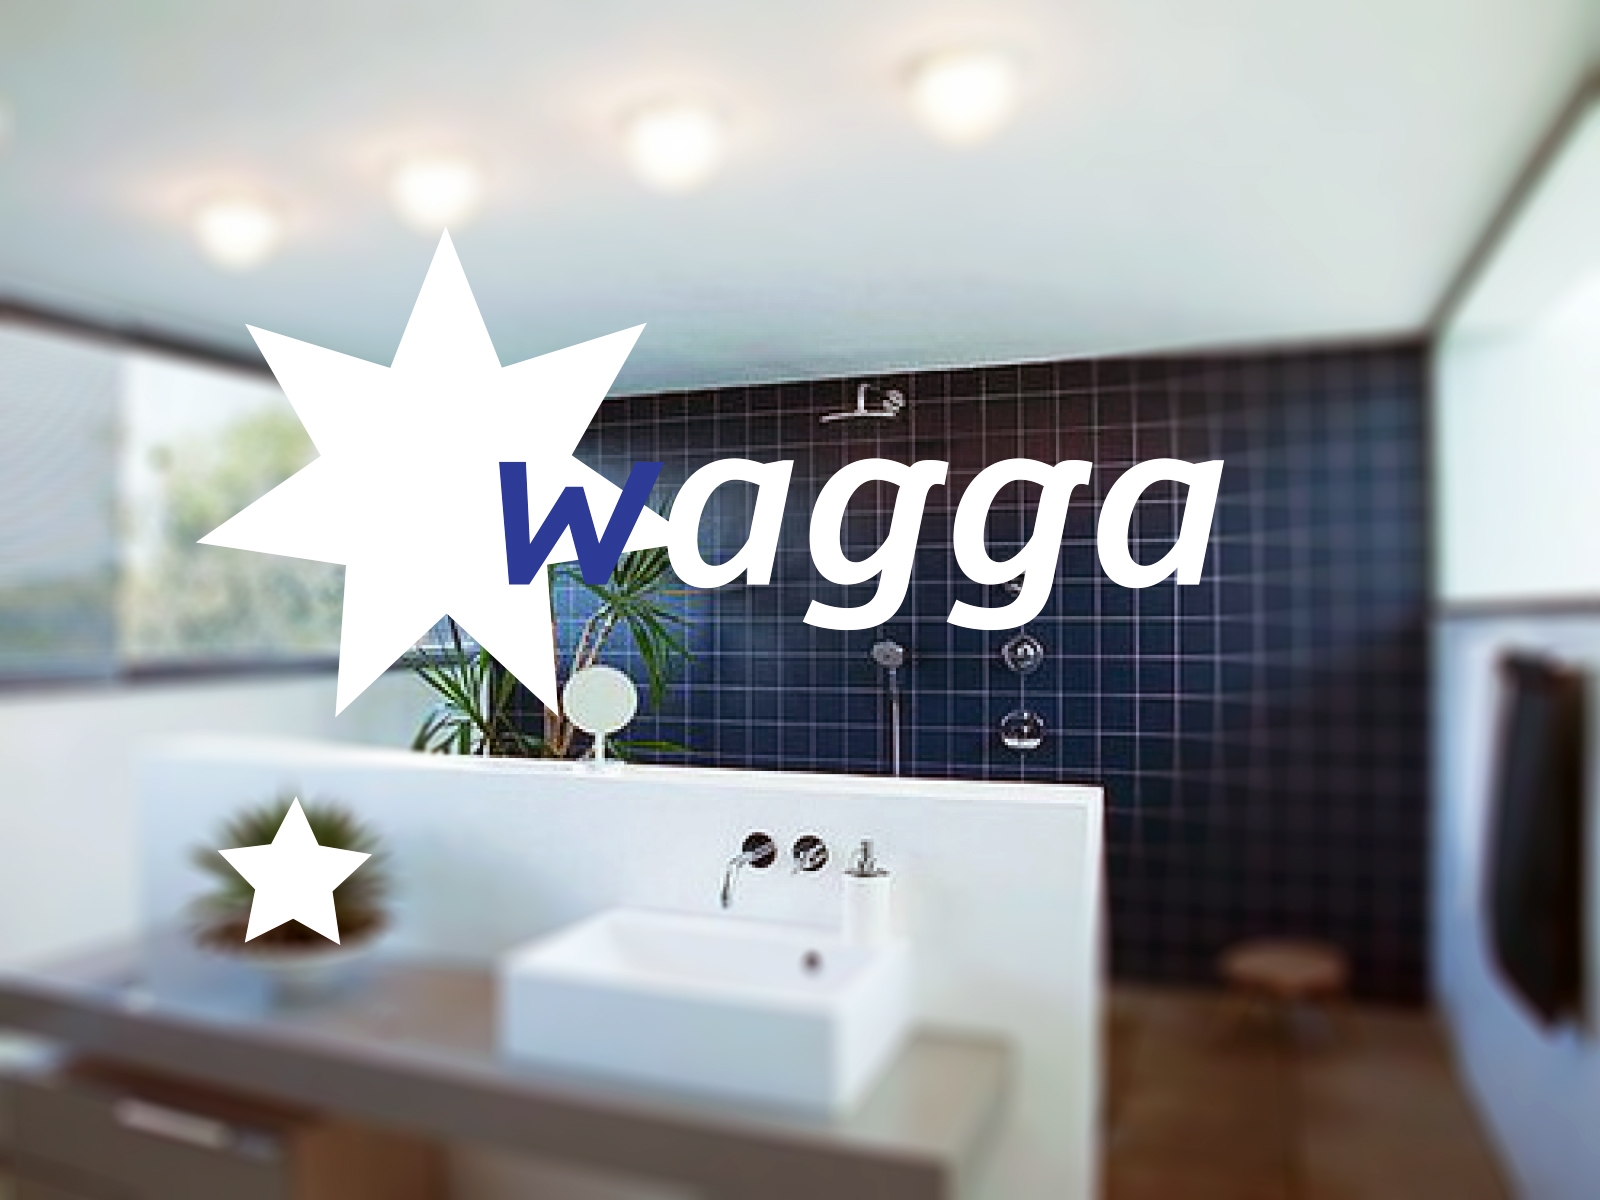 WaggaCoverShailongcreative.com